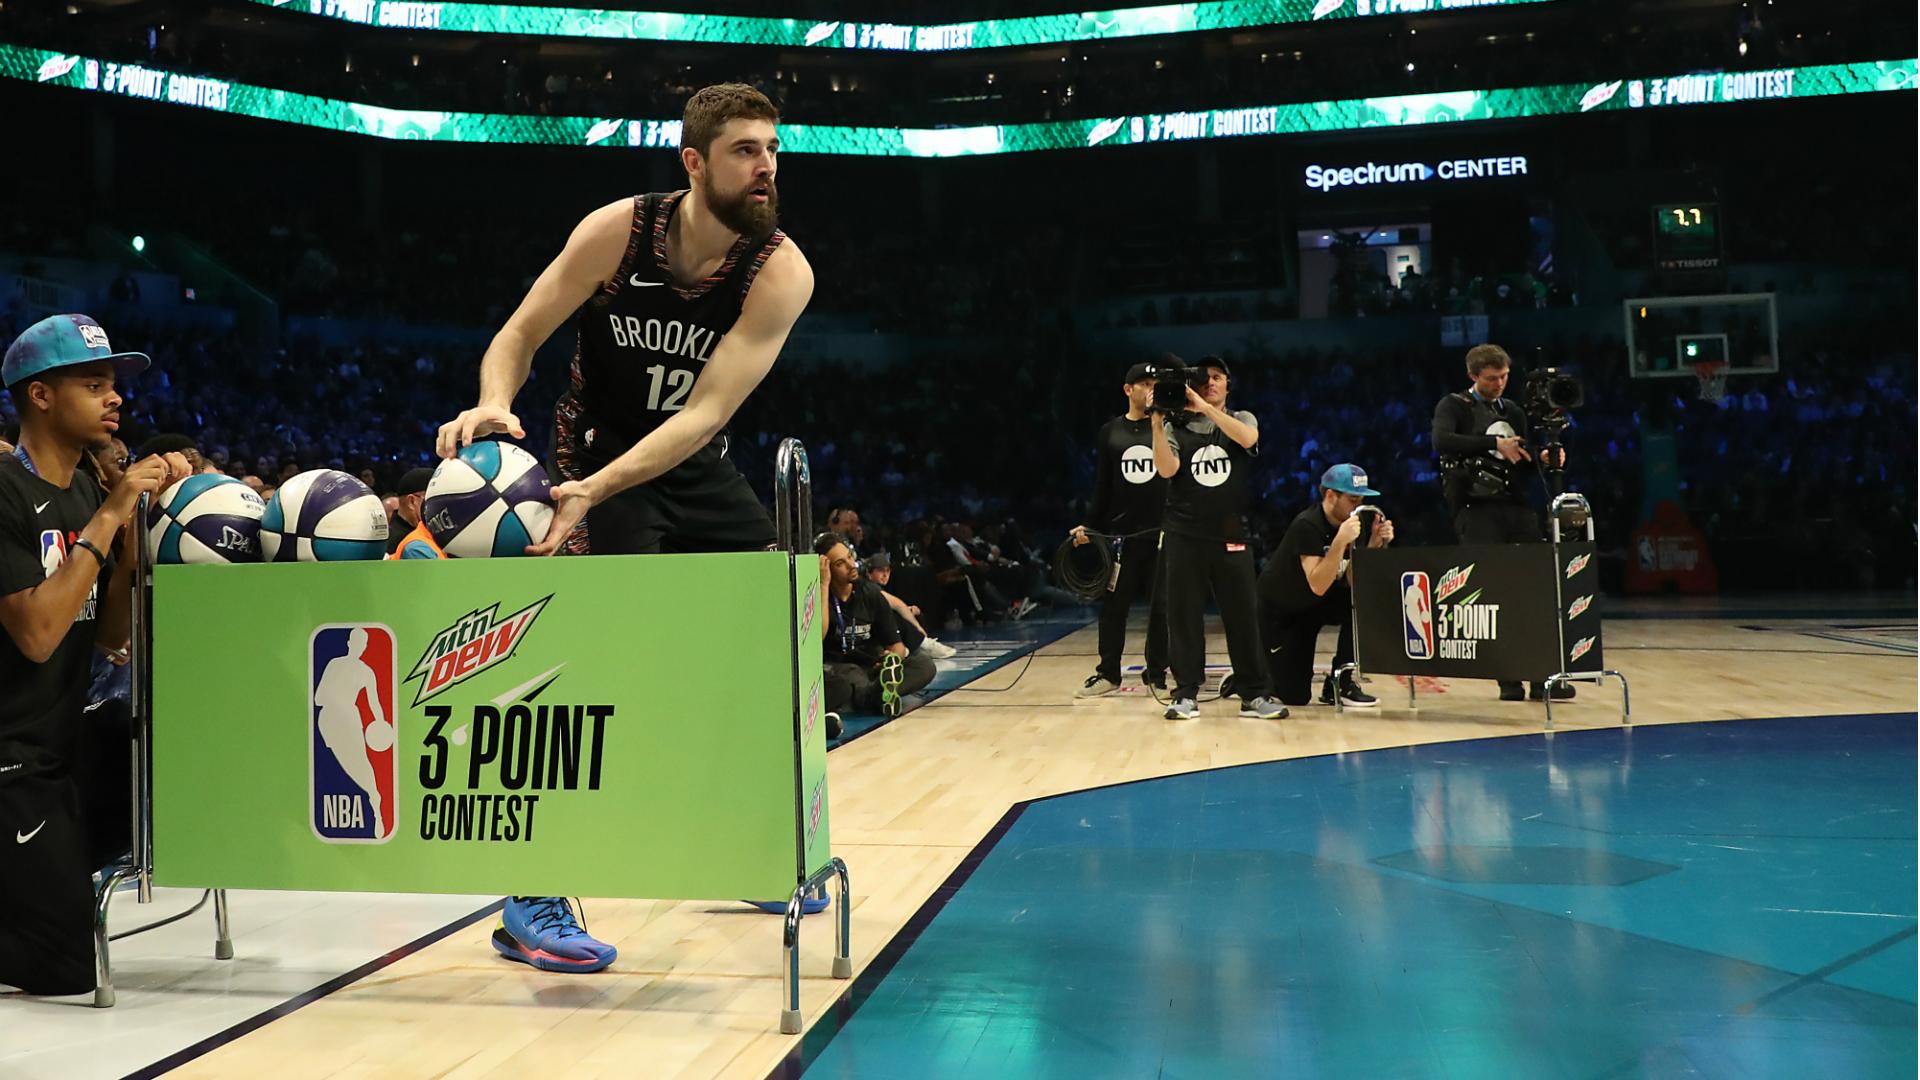 NBA announces 3 point Contest rule change participants Sporting 1920x1080